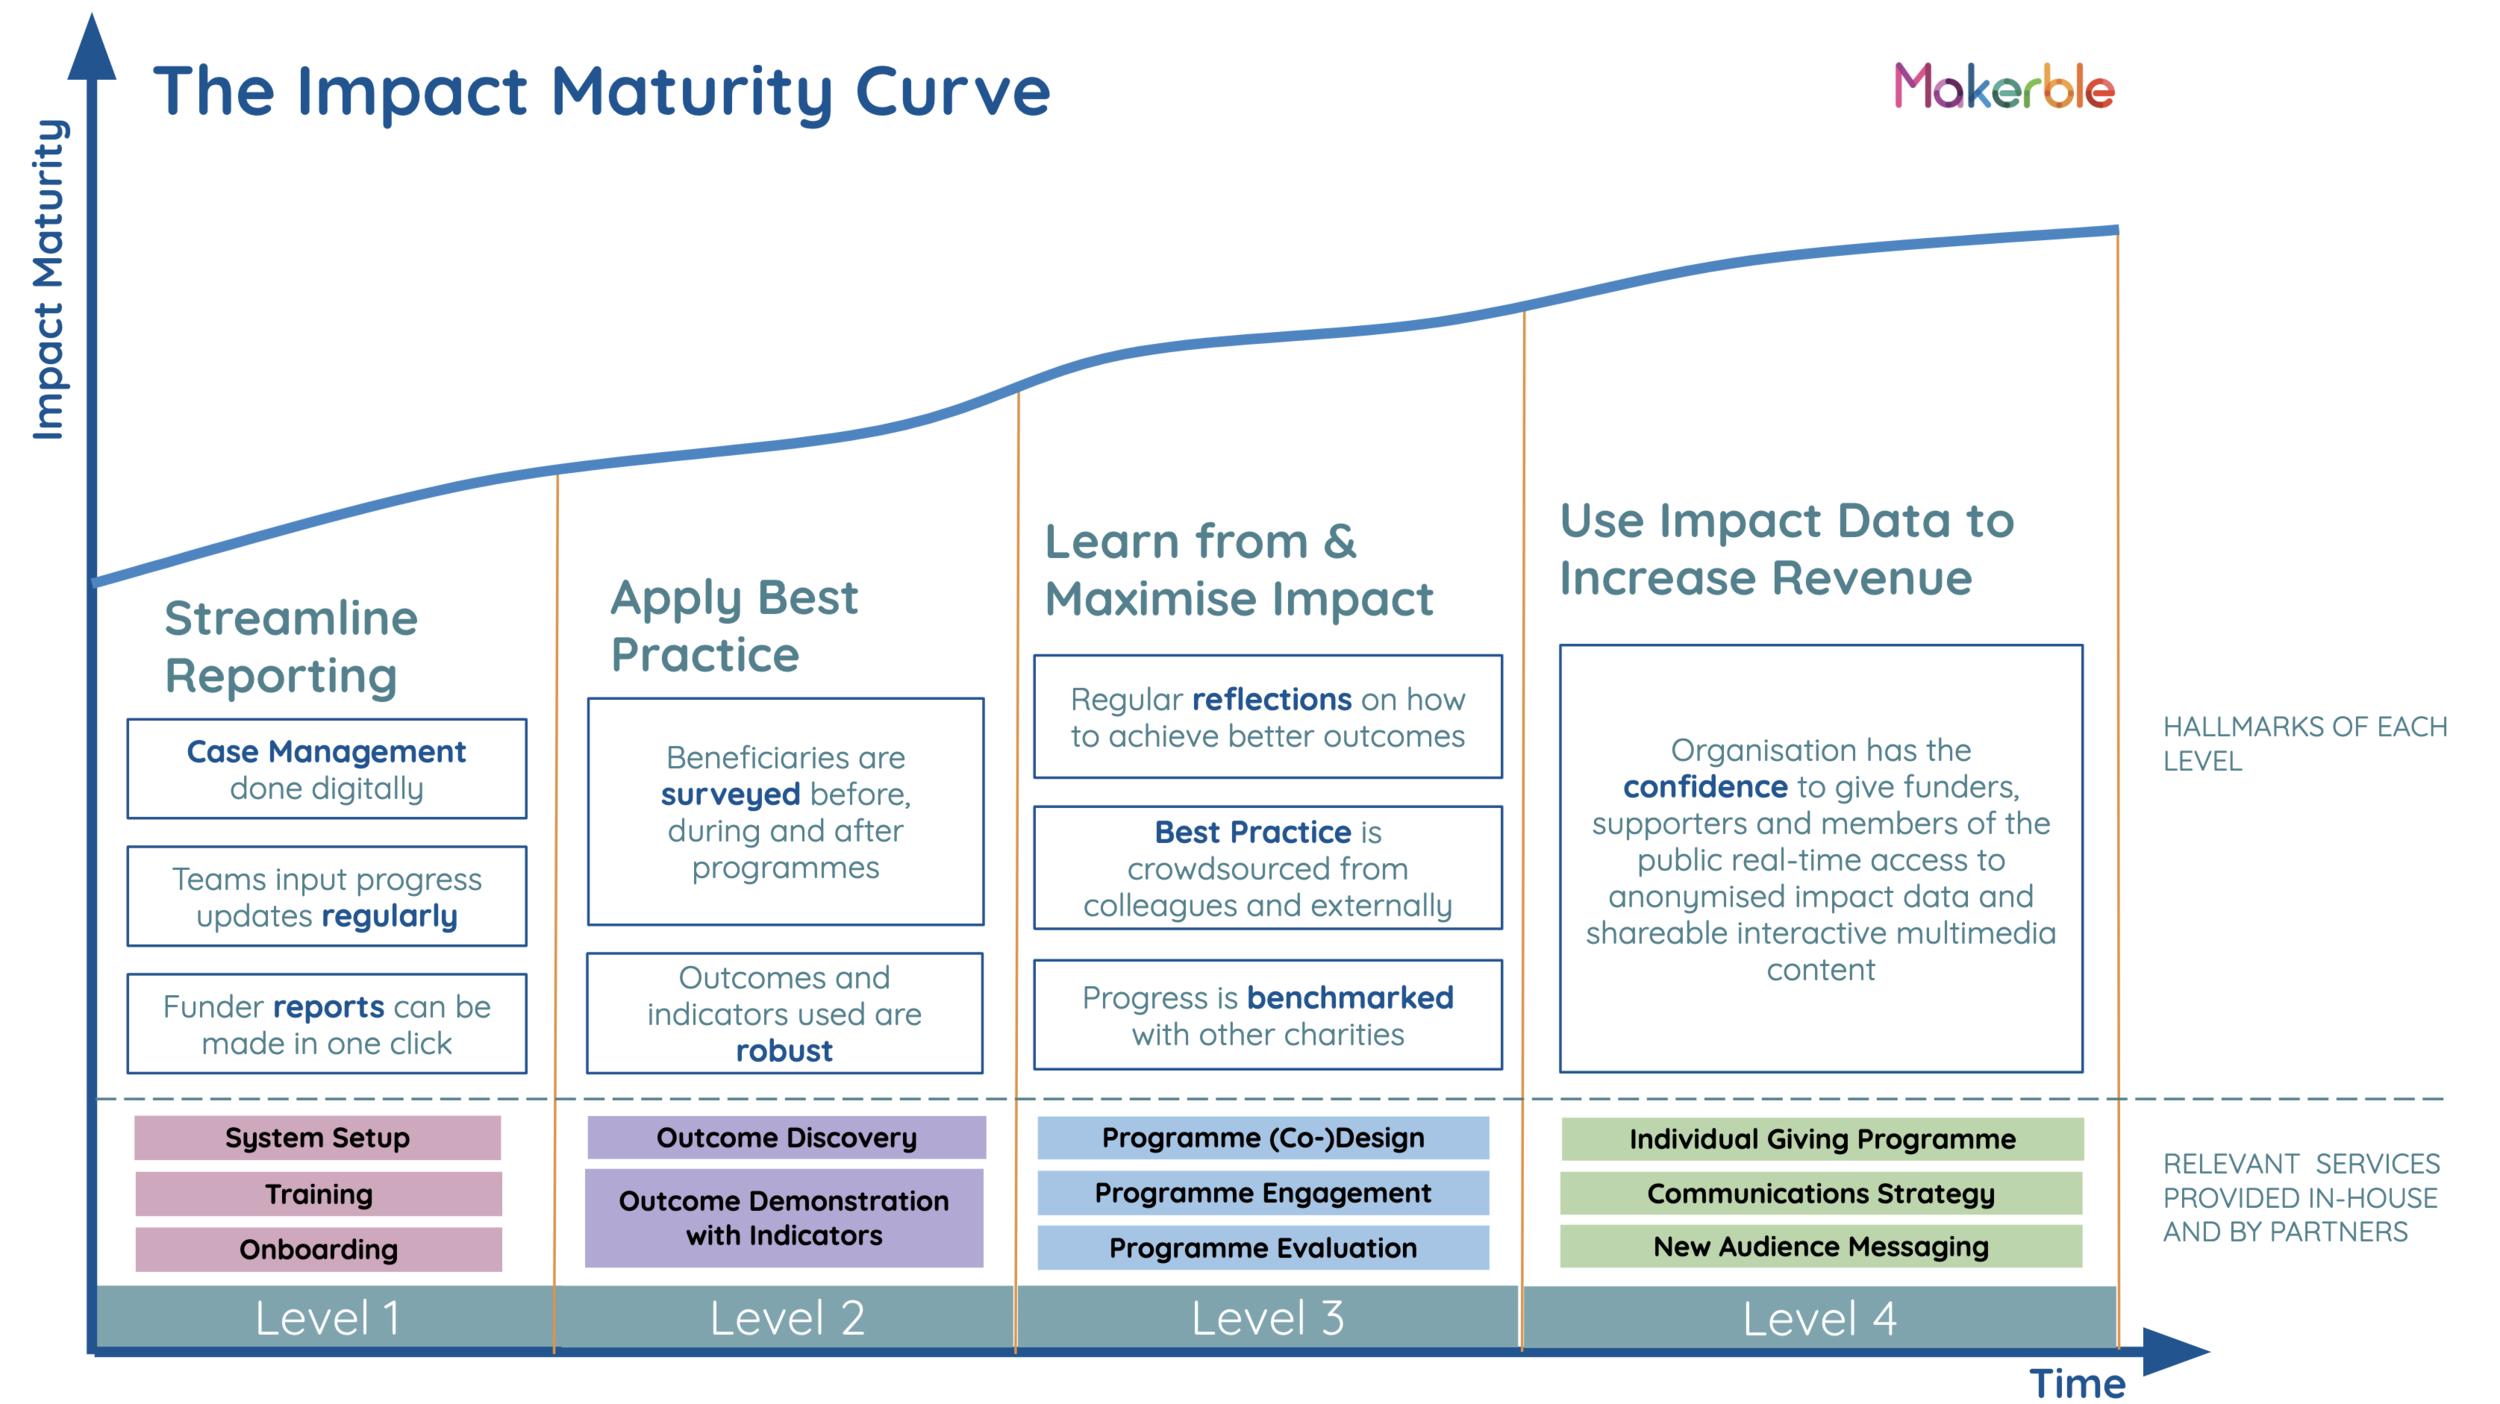 Impact Maturity Curve 2019.png